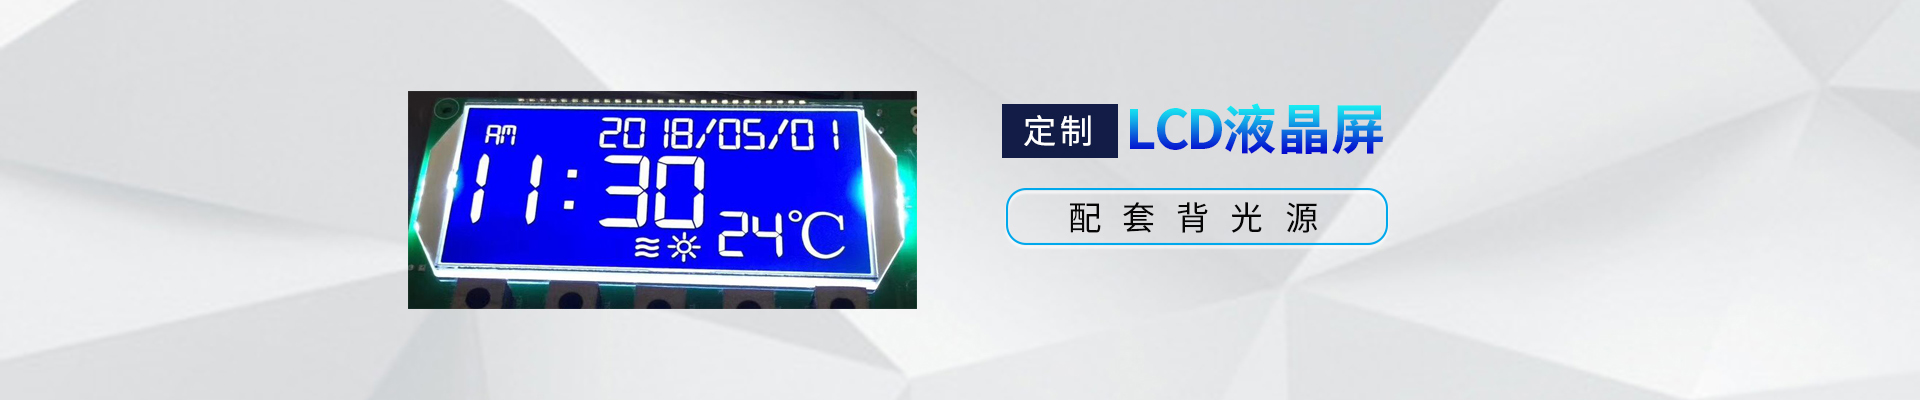 深圳市天利德科技有限公司